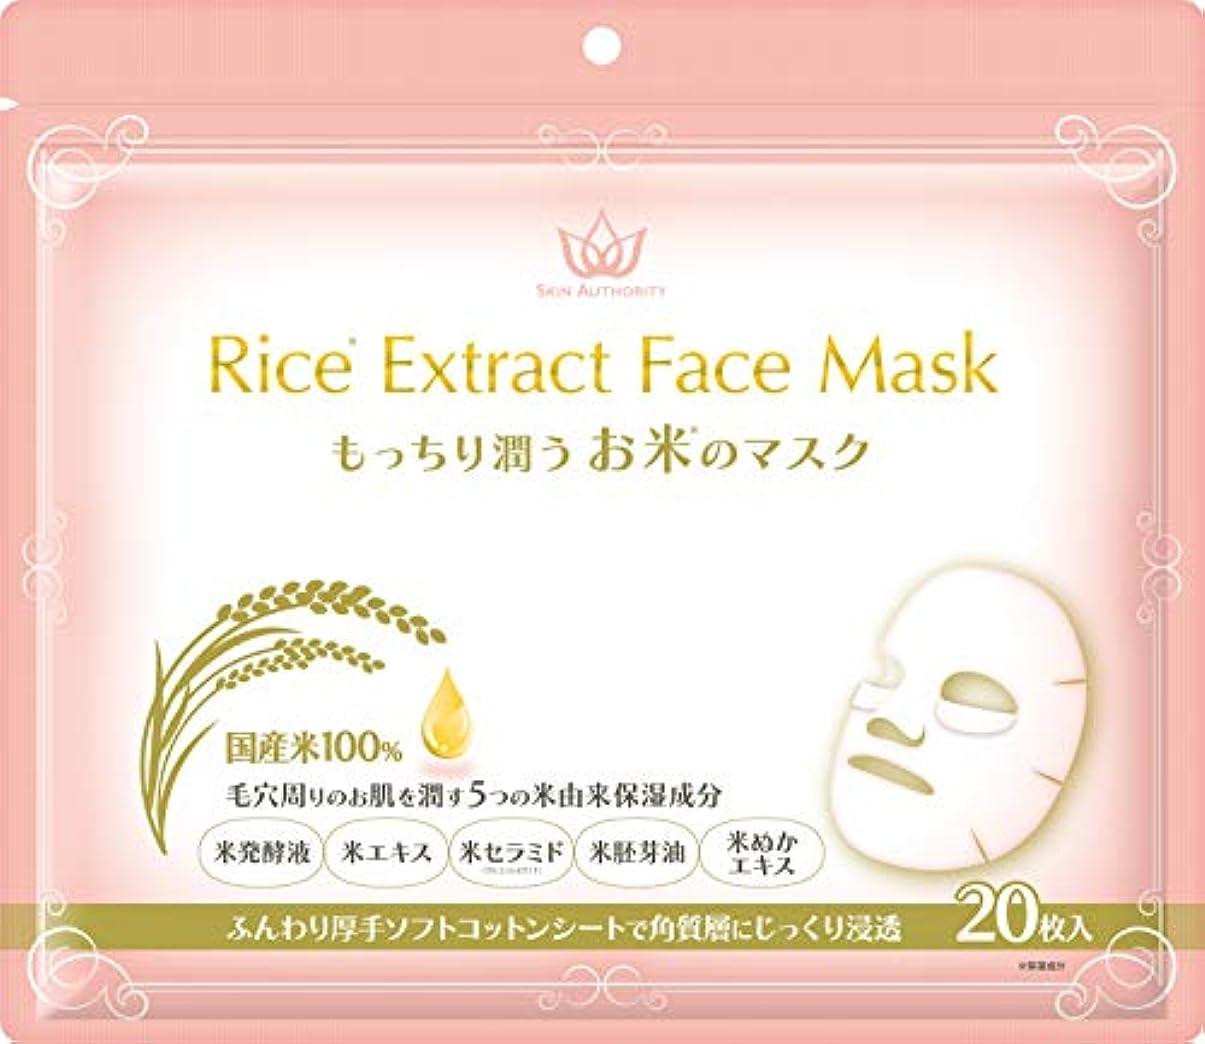 シニスメダルグラフィック[Amazon限定ブランド] SKIN AUTHORITY もっちり潤うお米のマスク 20枚入 (300ml)